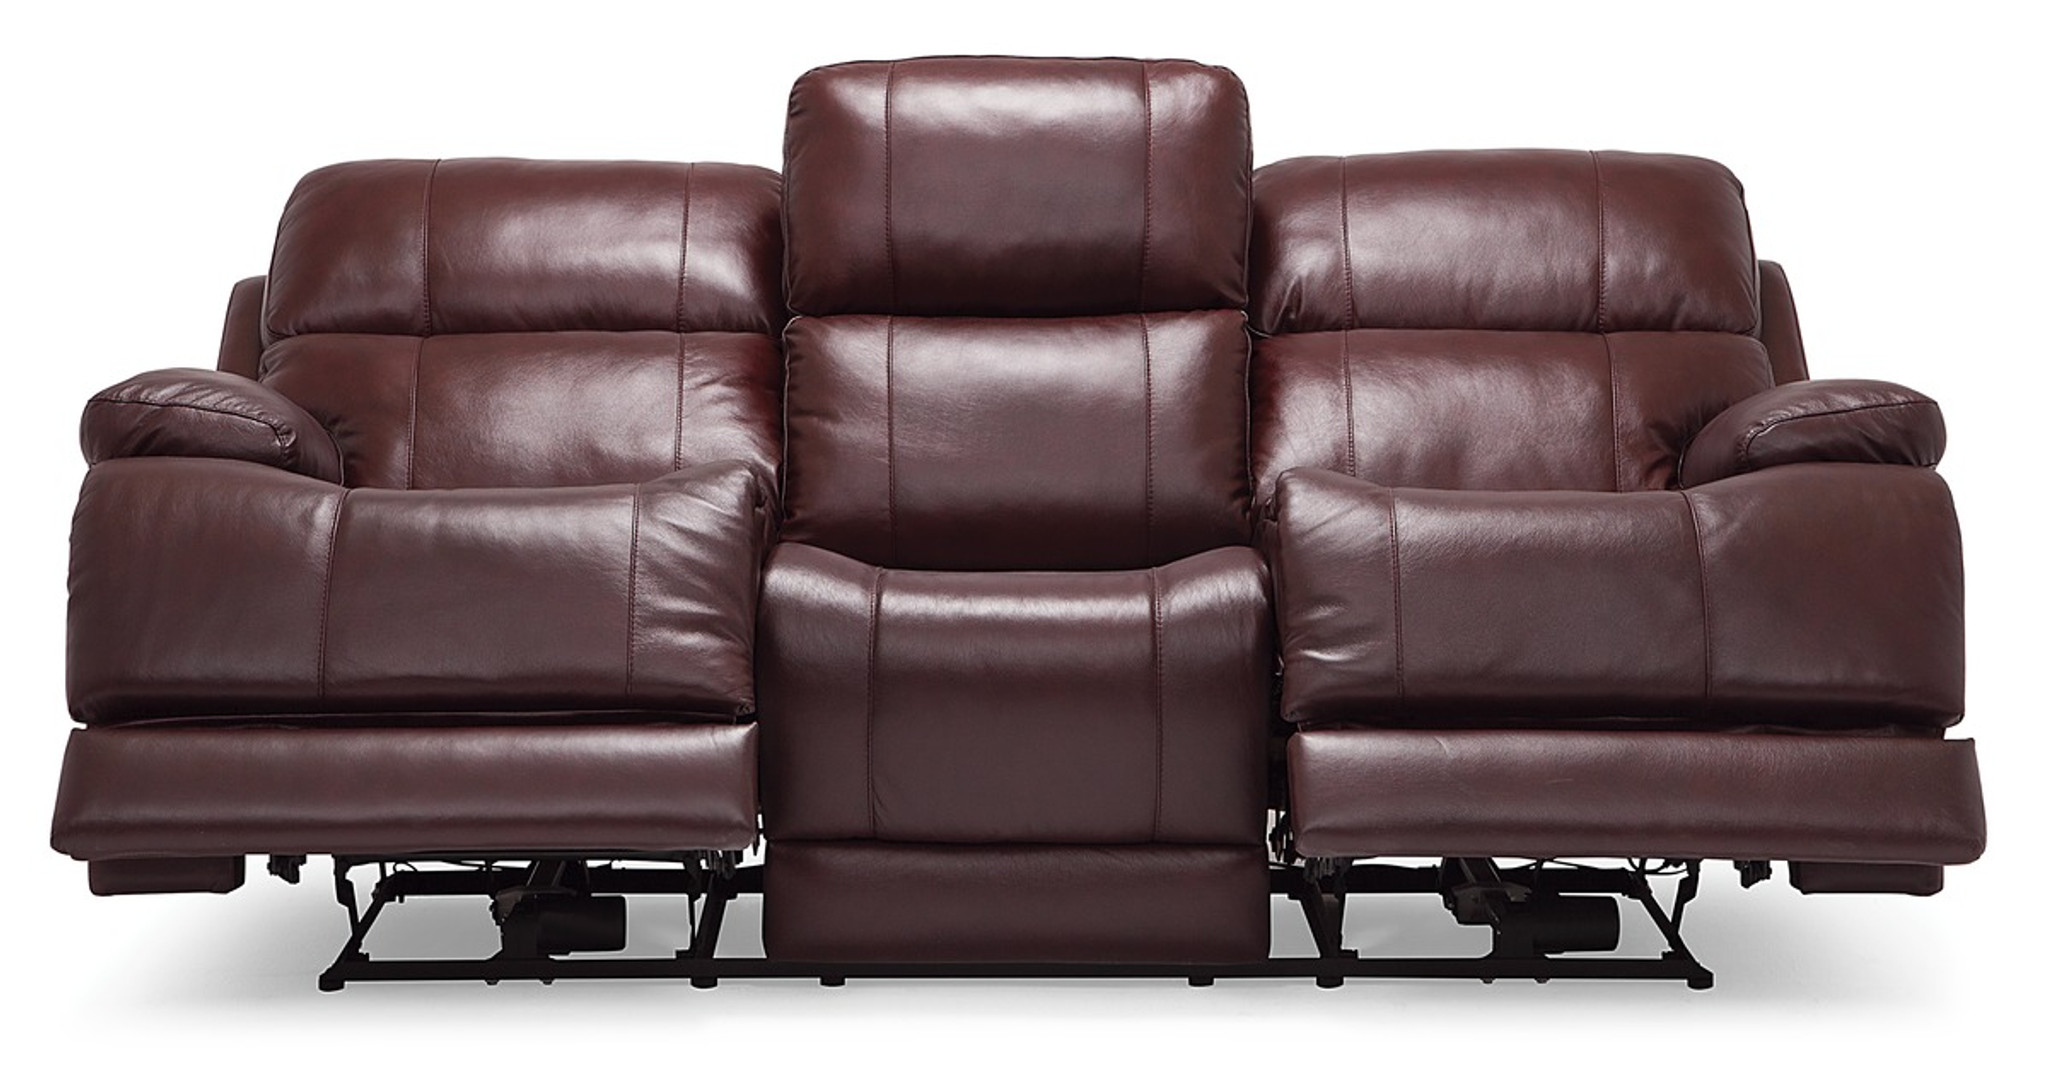 Palliser Leather Power Head Rest Recliner Sofa Model Kenaston 41064